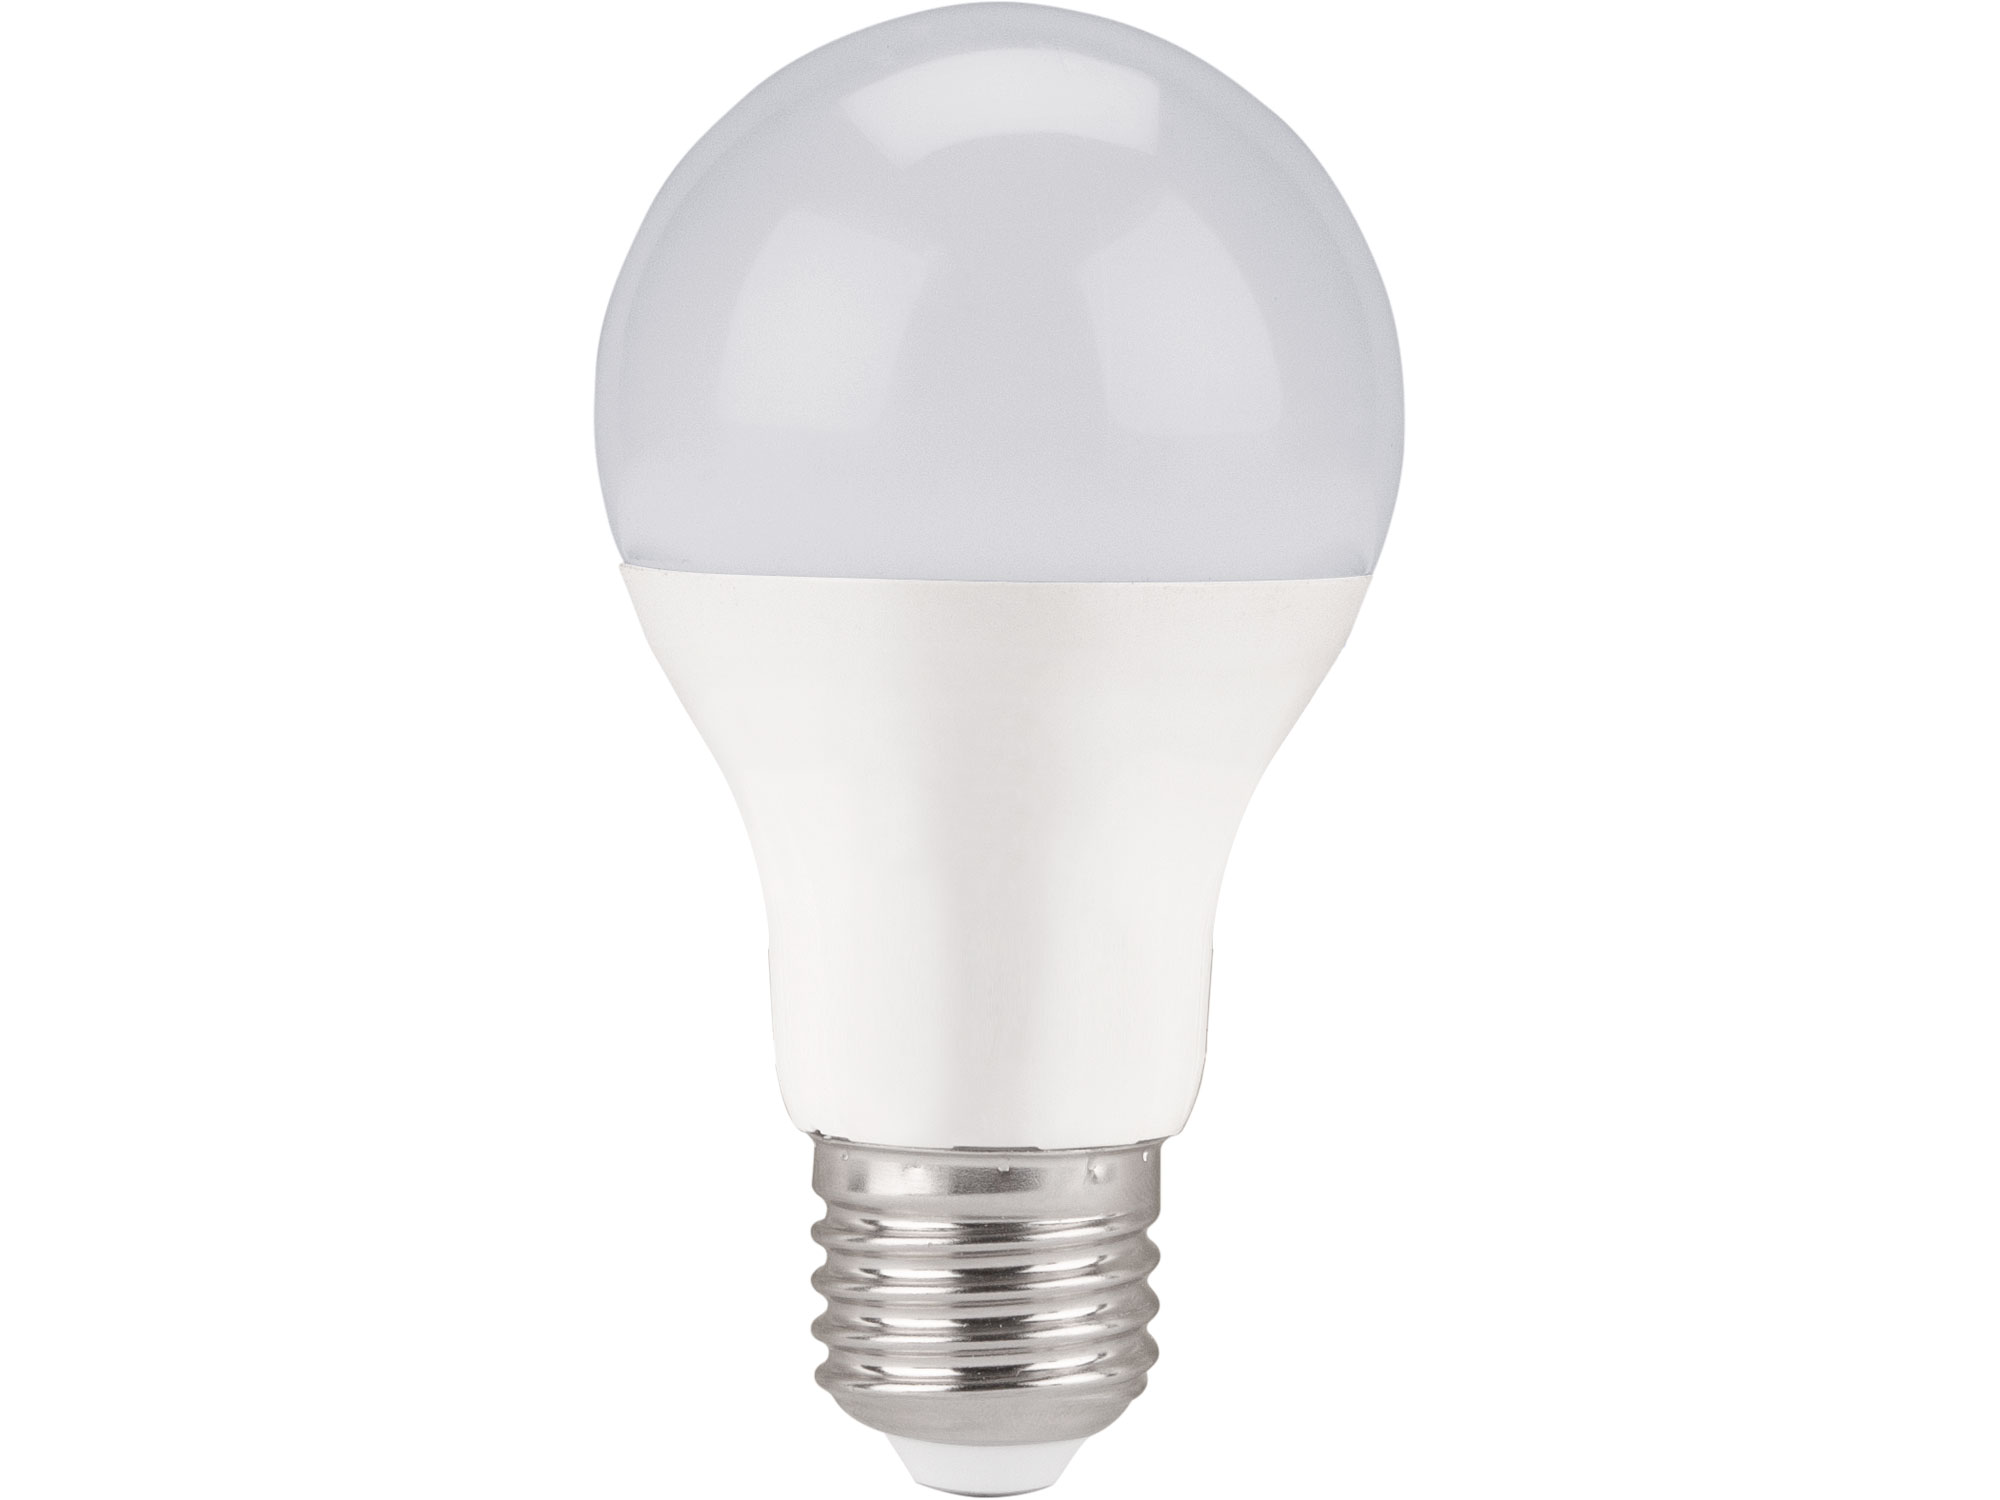 Žárovka LED klasická, 10W, 900lm, E27, teplá bílá EXTOL LIGHT 43003